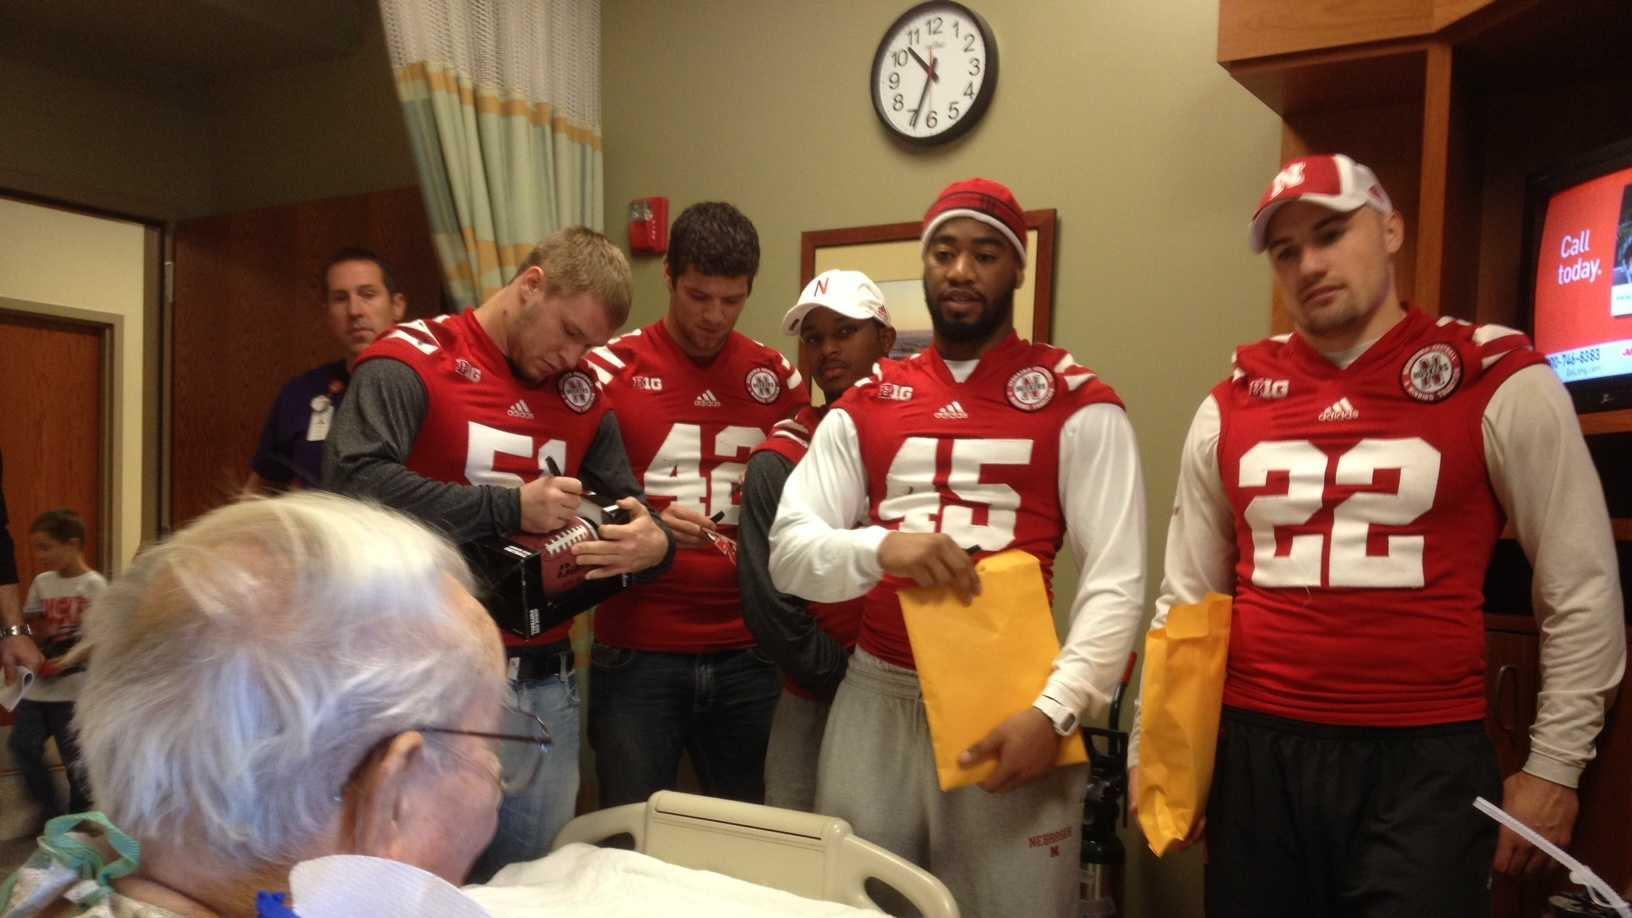 Photo- HUsker hospital visit